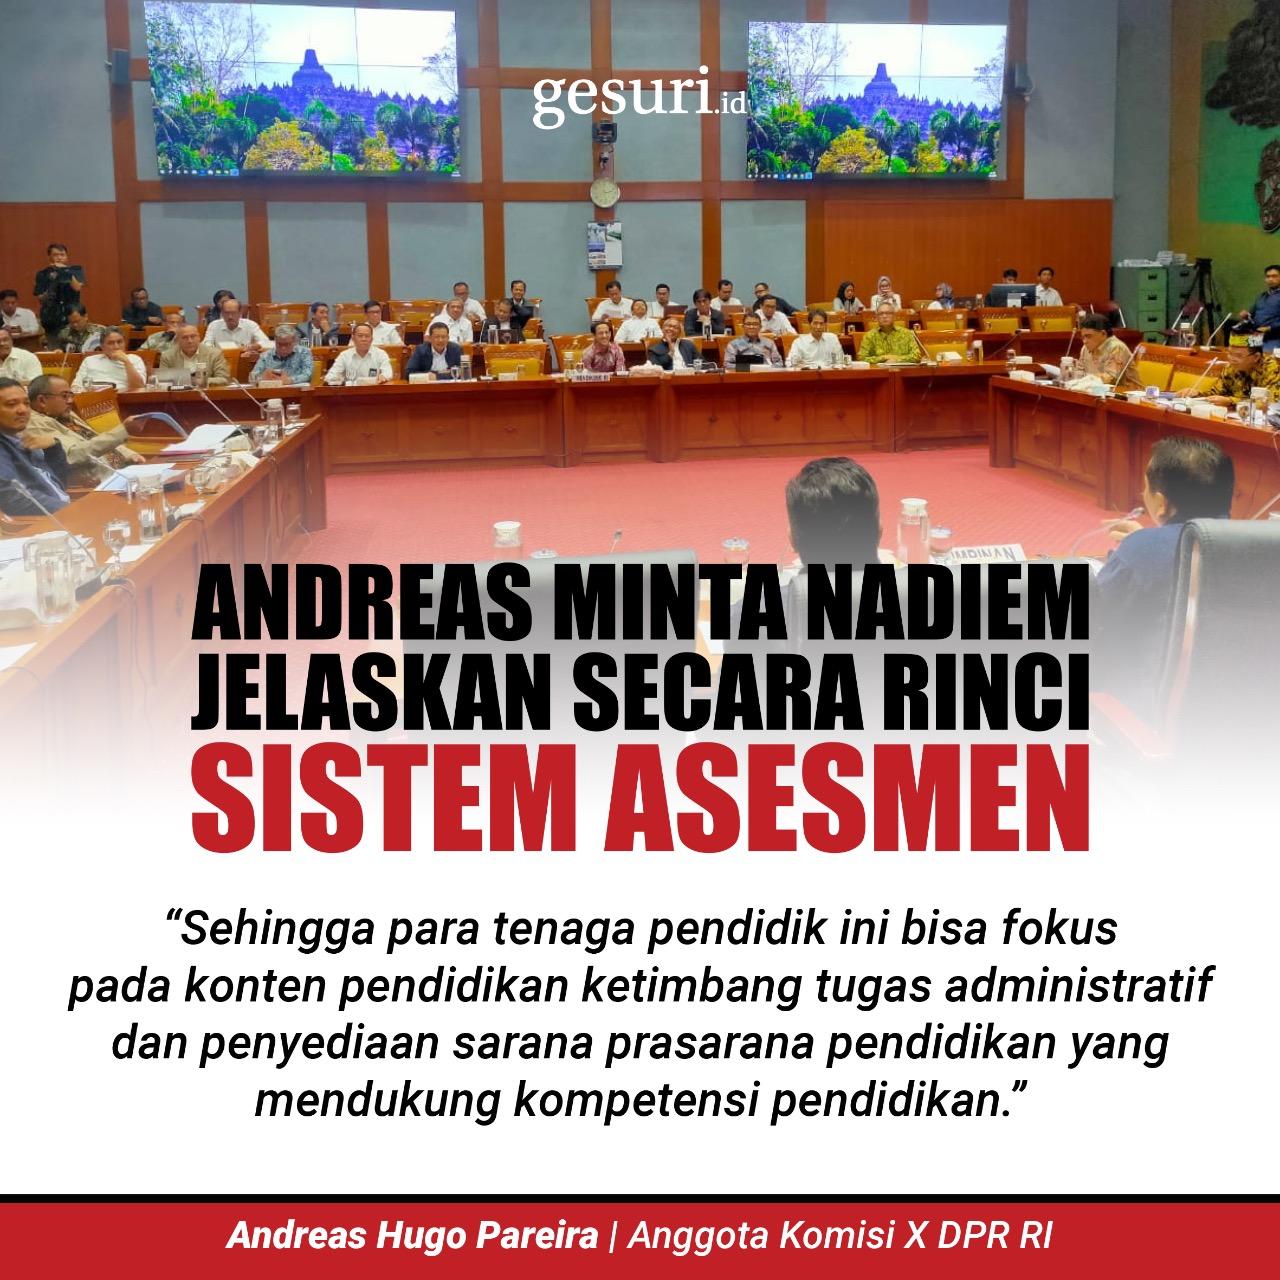 Andreas Minta Nadiem Jelaskan Secara Rinci Sistem Asesmen